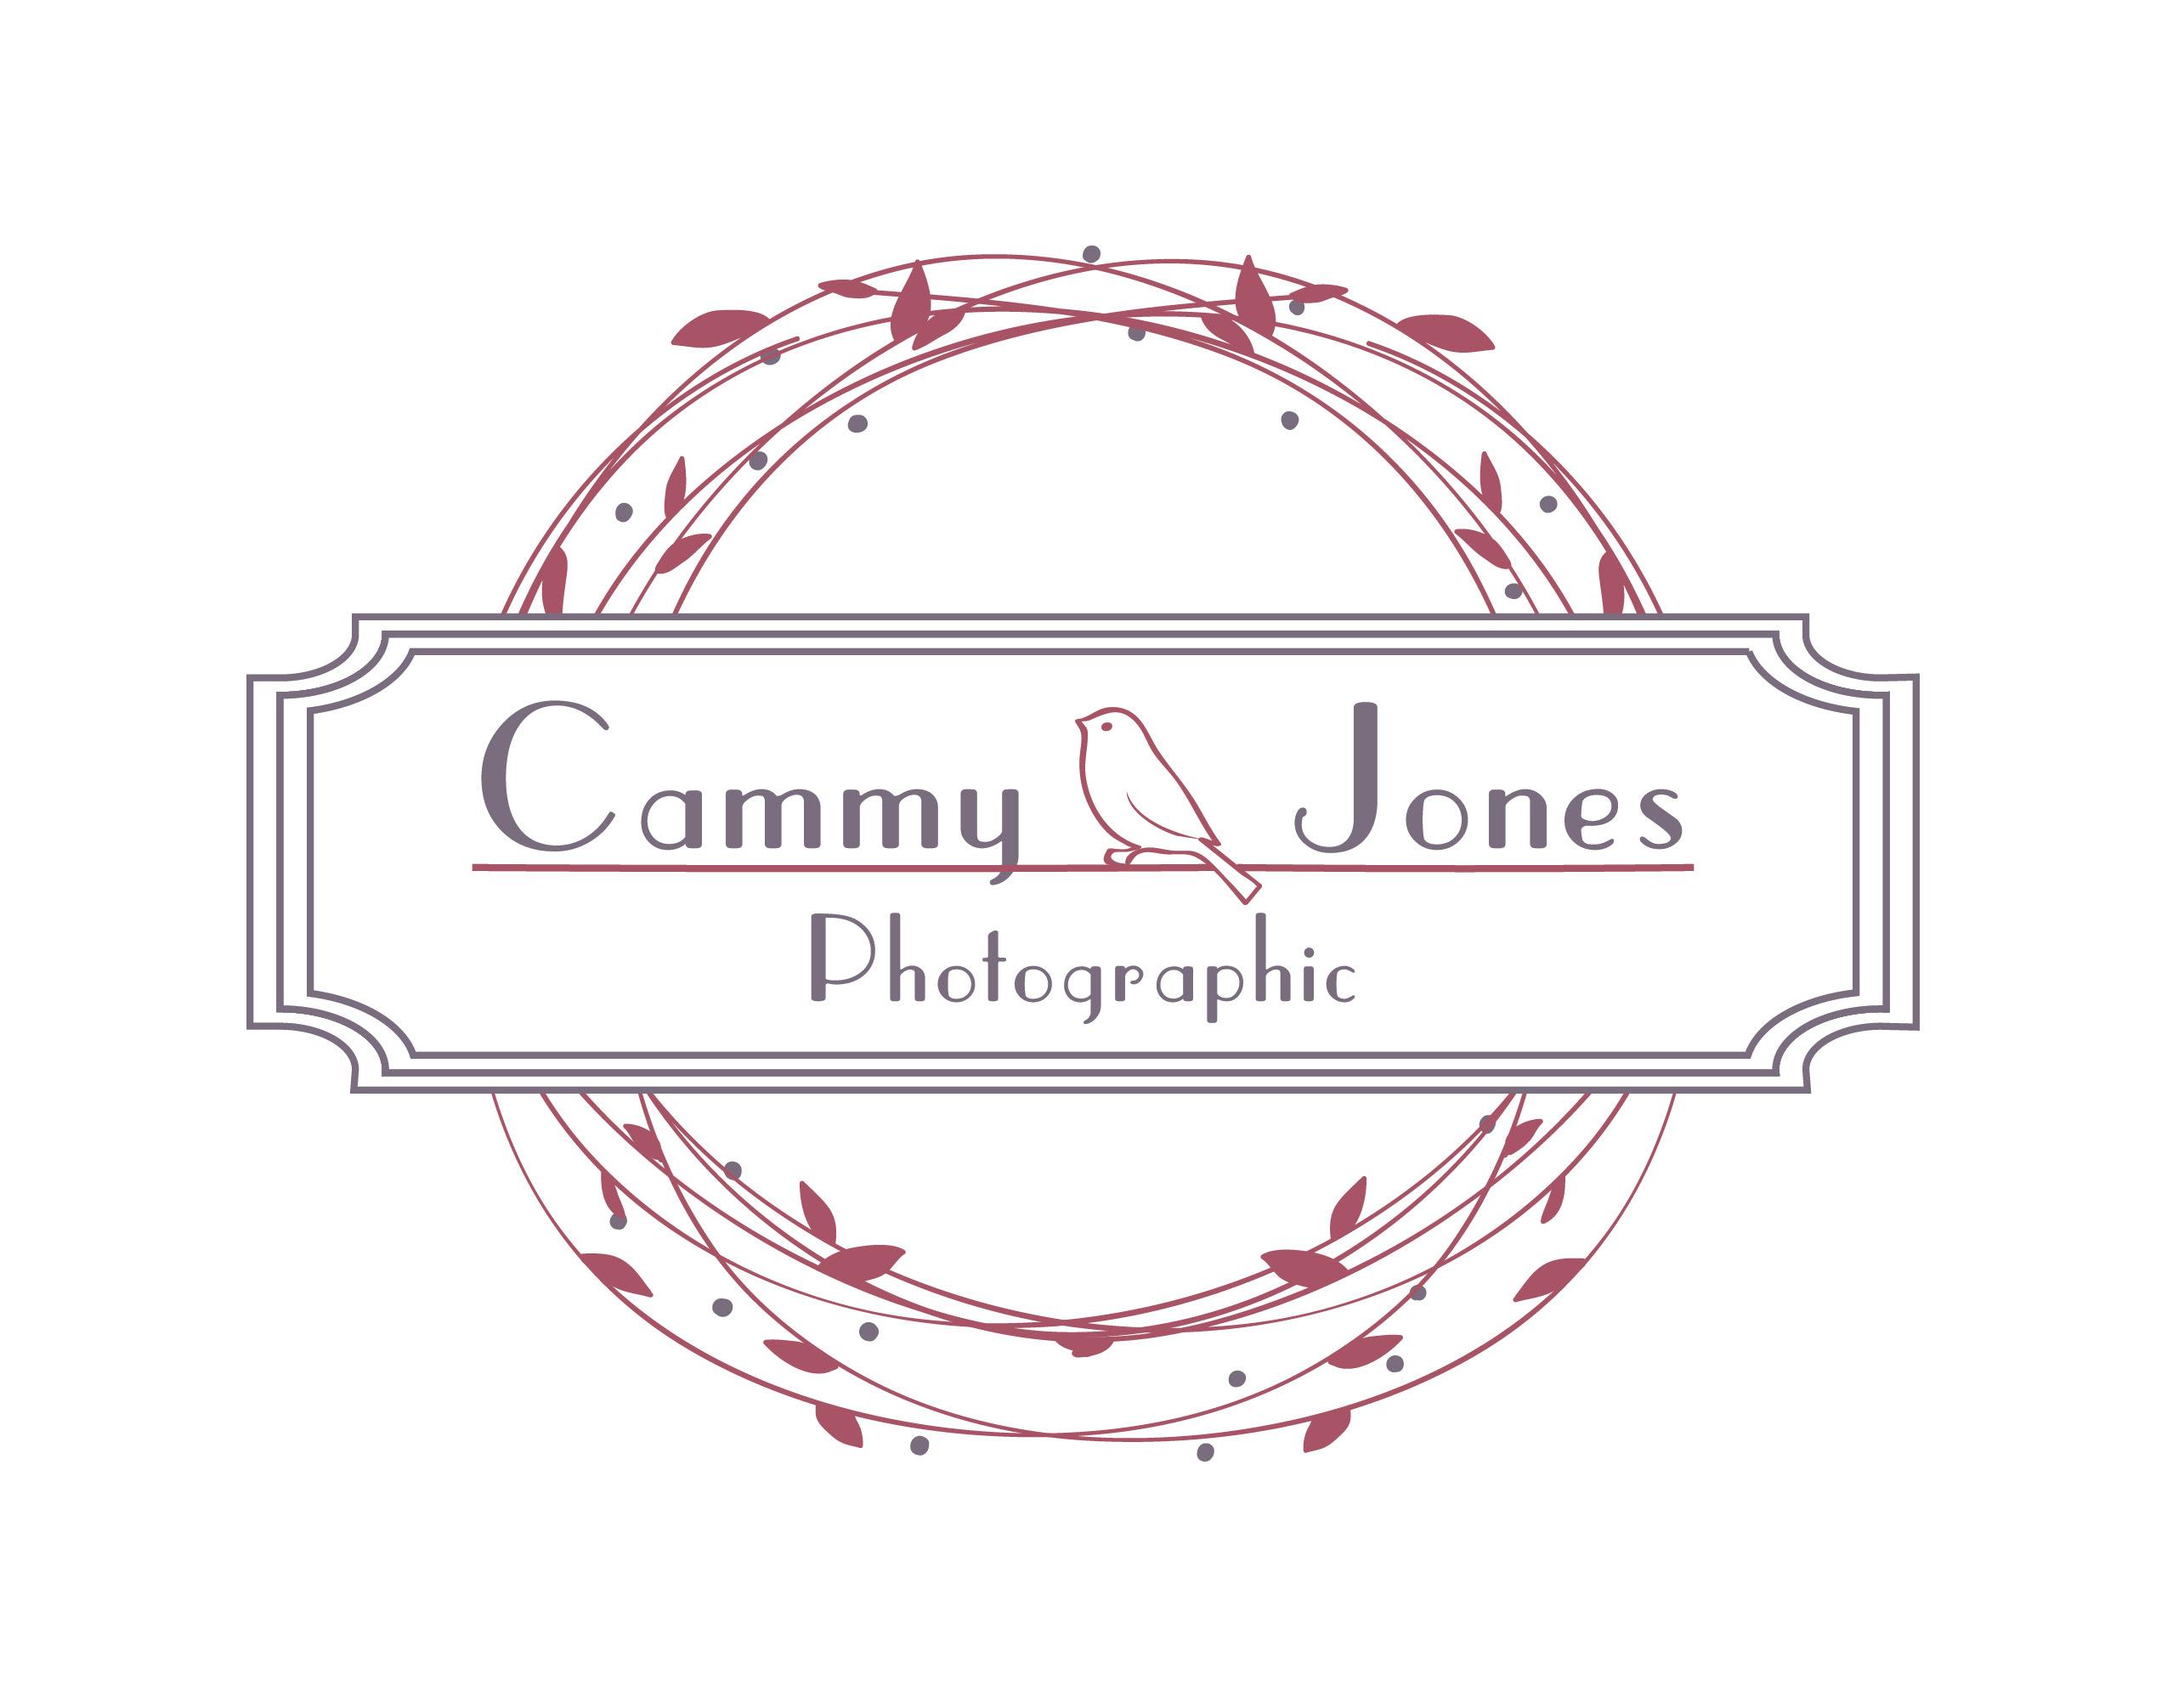 Cammy Jones